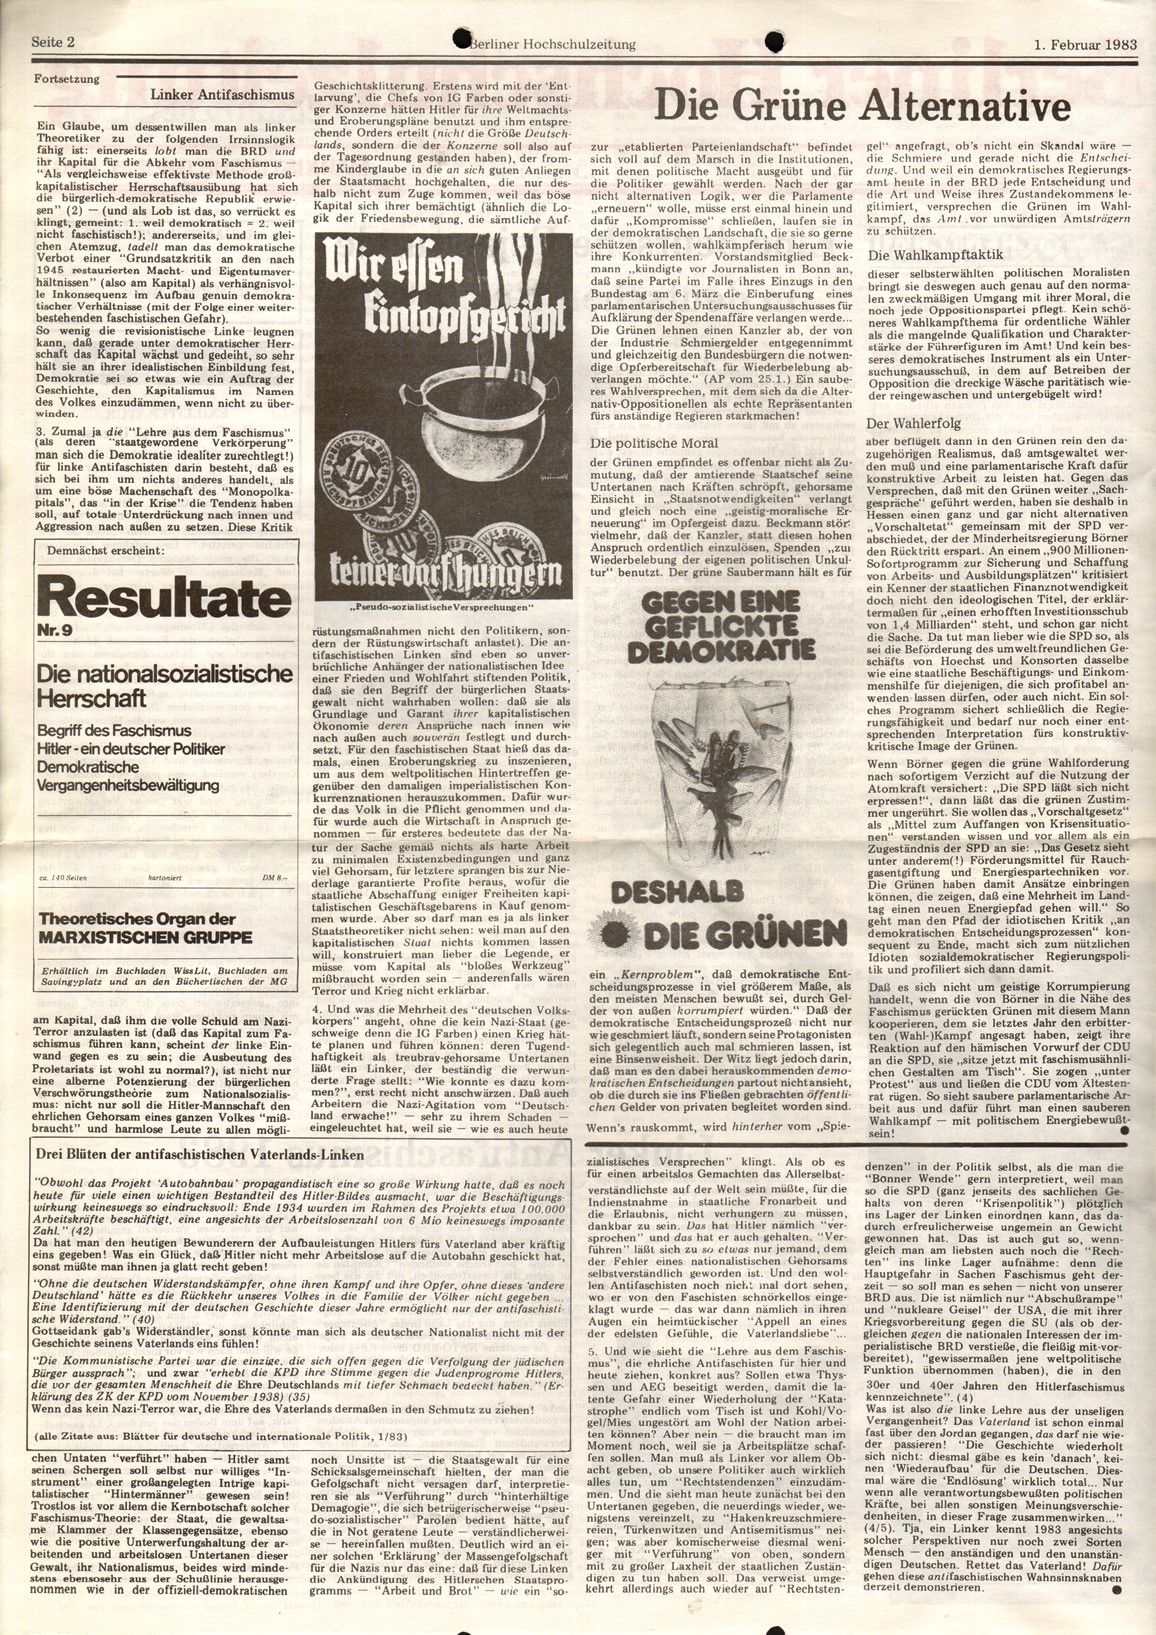 Berlin_MG_Hochschulzeitung_19830201_02